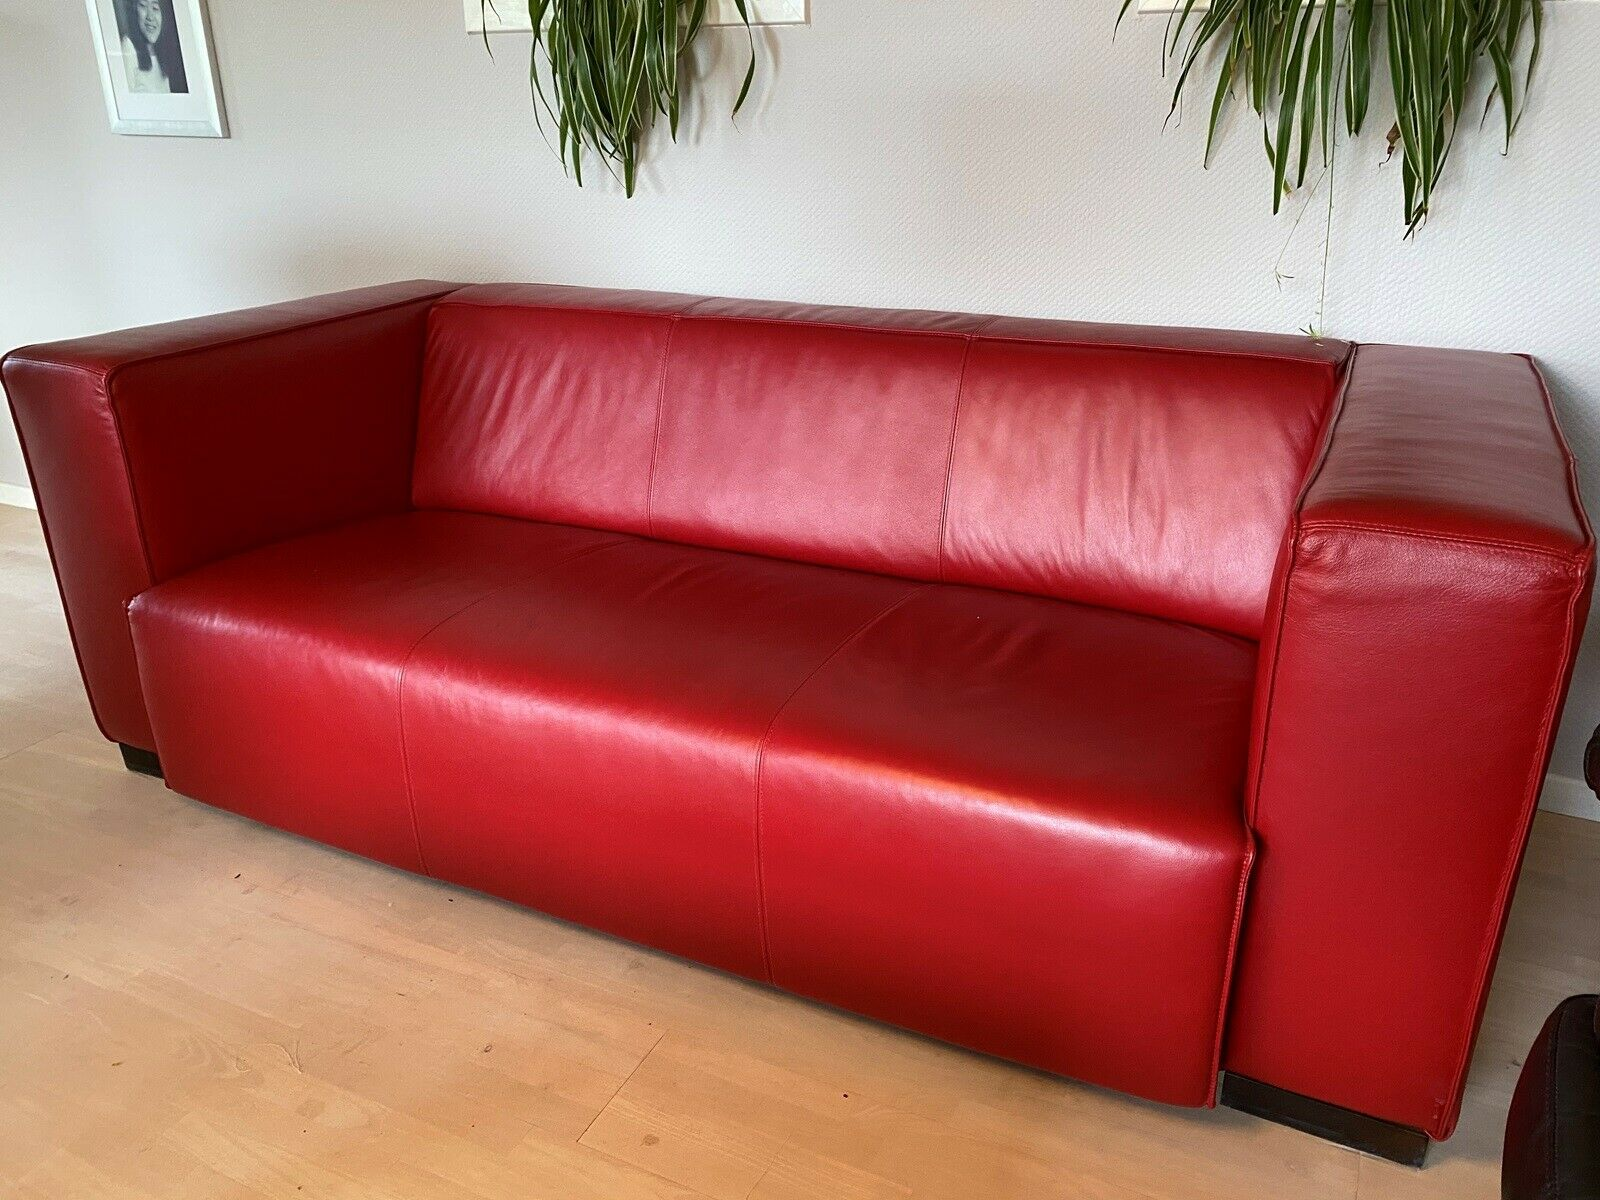 Picture of: Sofa Laeder 2 Pers Dba Dk Kob Og Salg Af Nyt Og Brugt